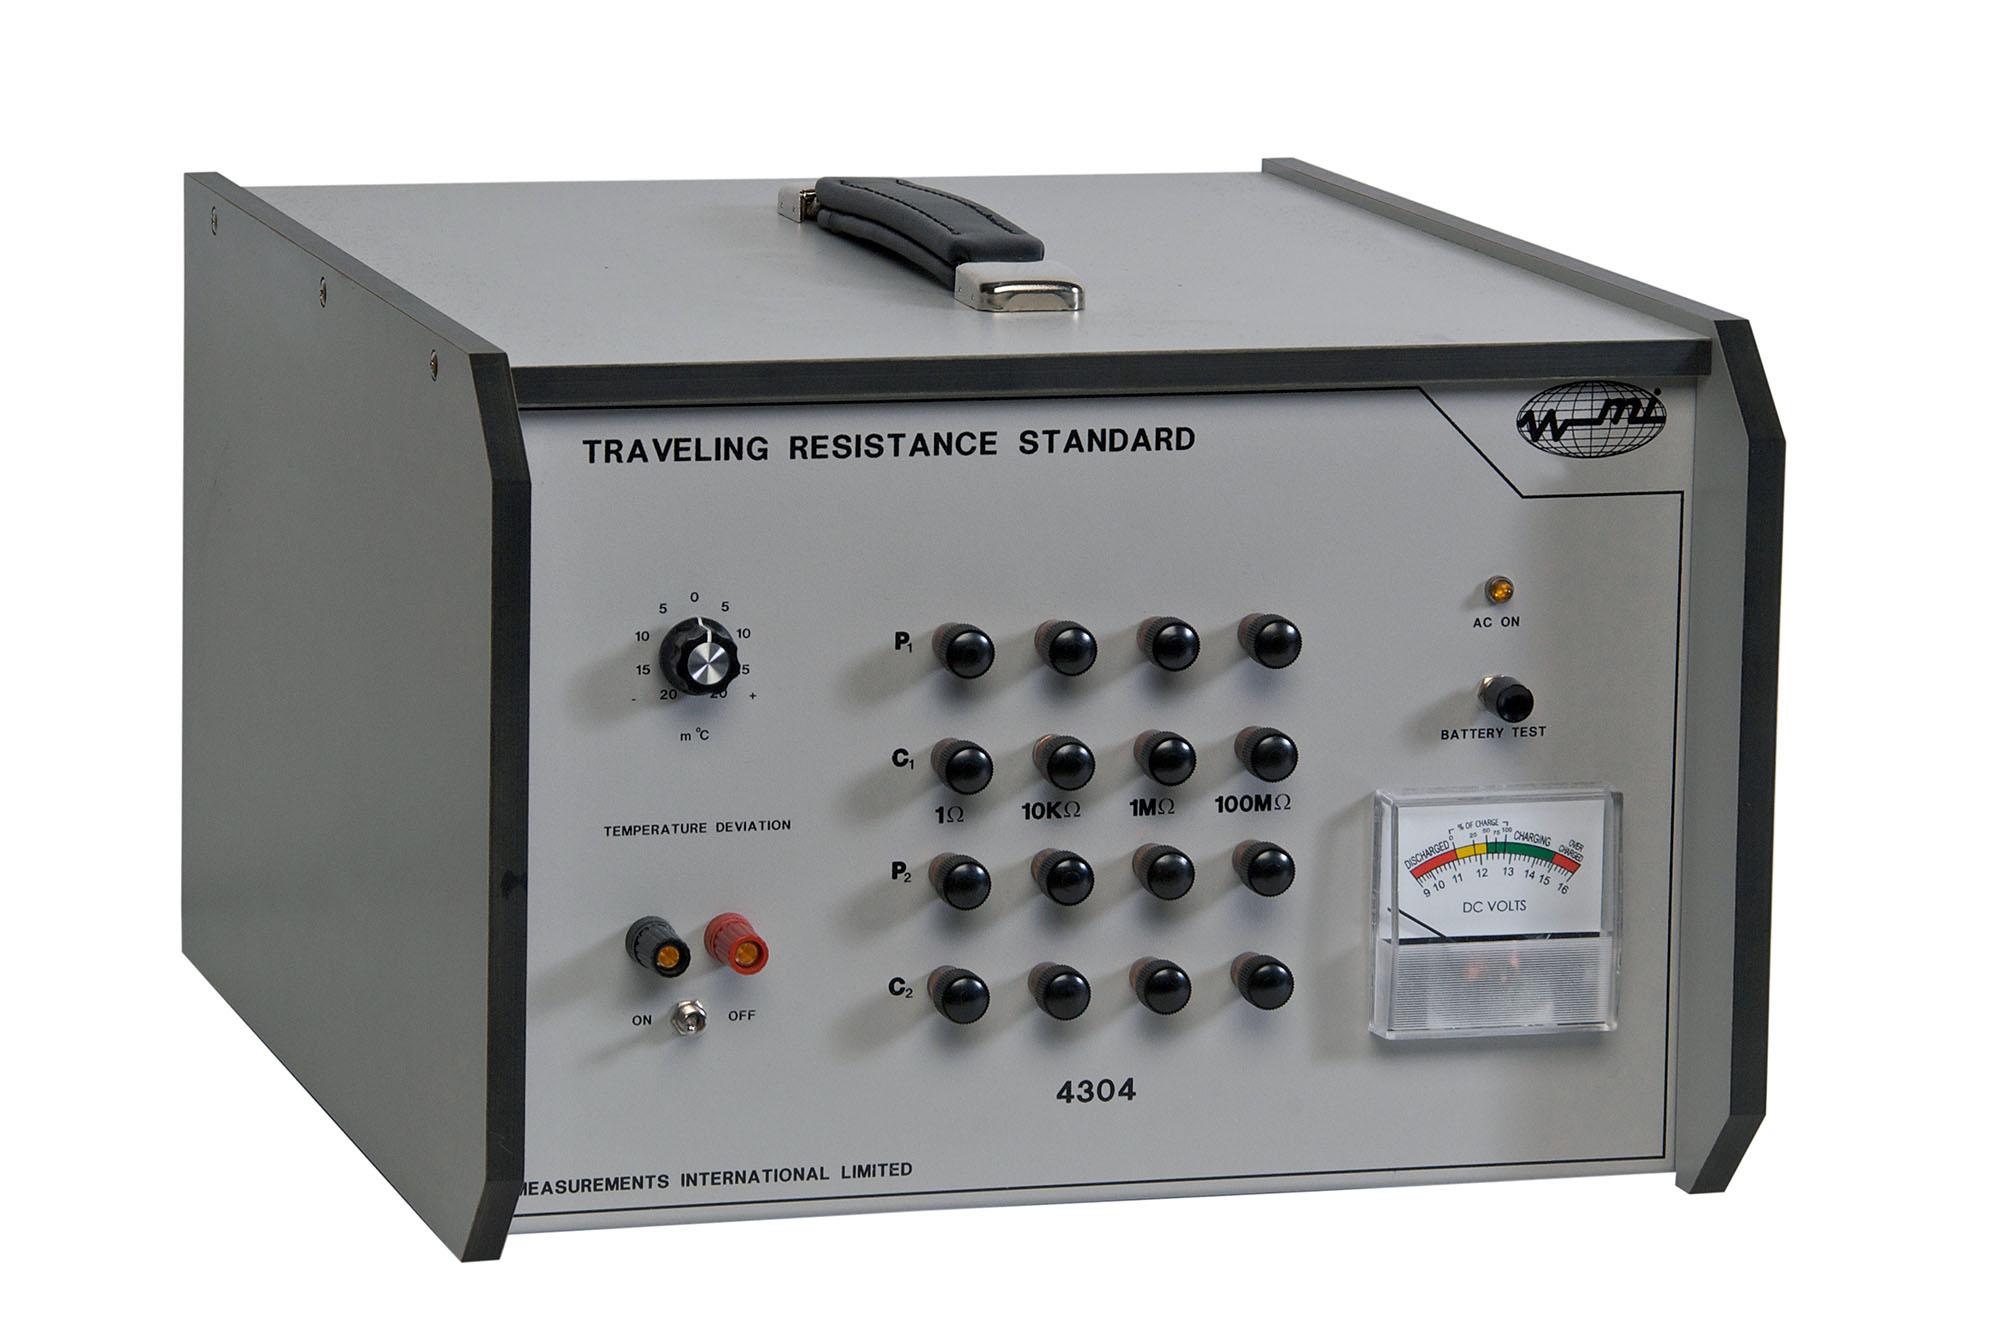 4304 Traveling Resistance Standard